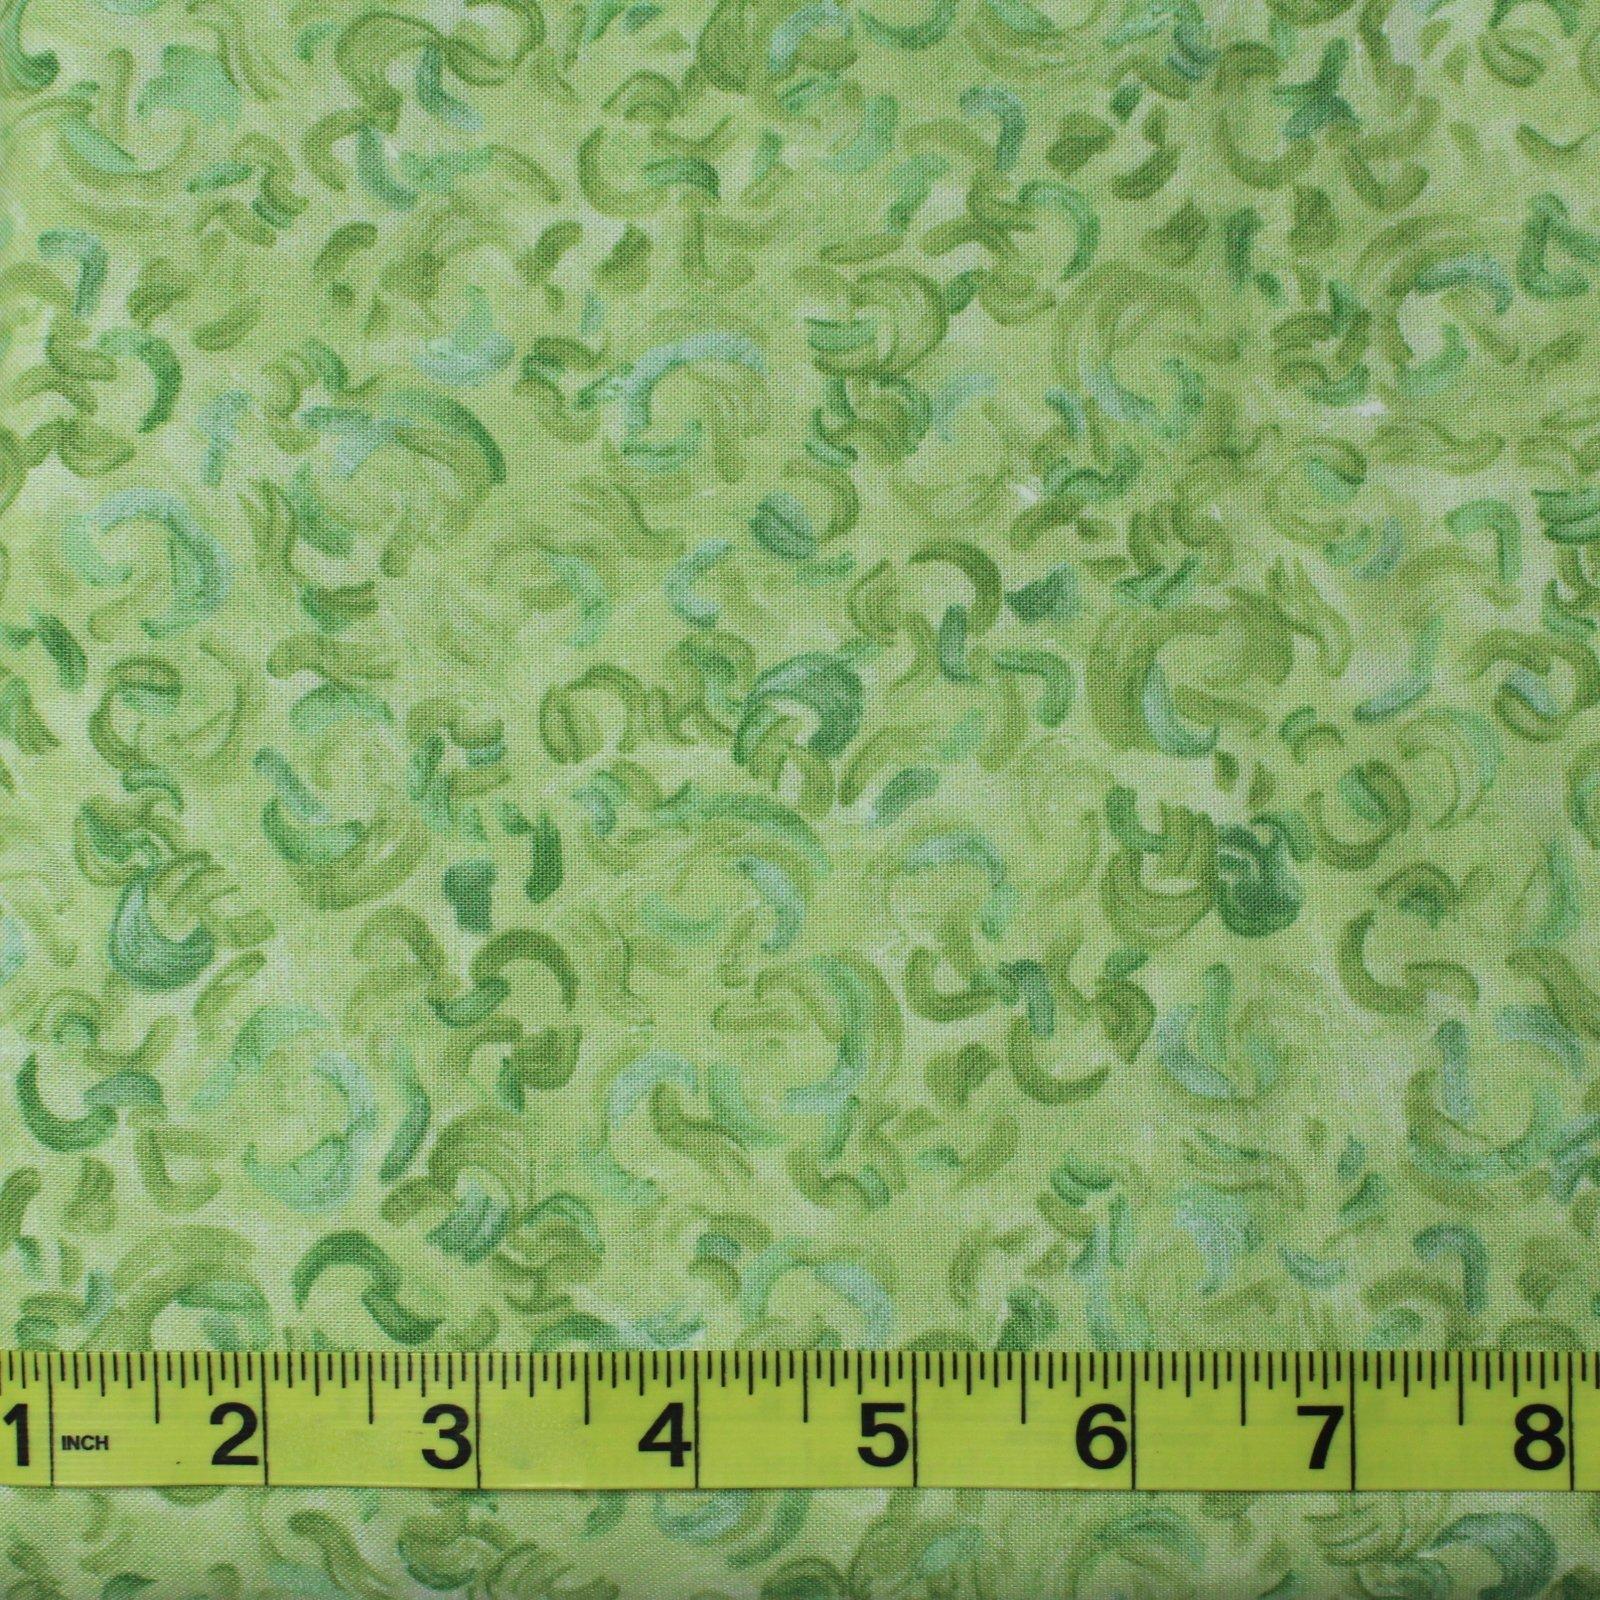 3-Yard Cut Batik #1